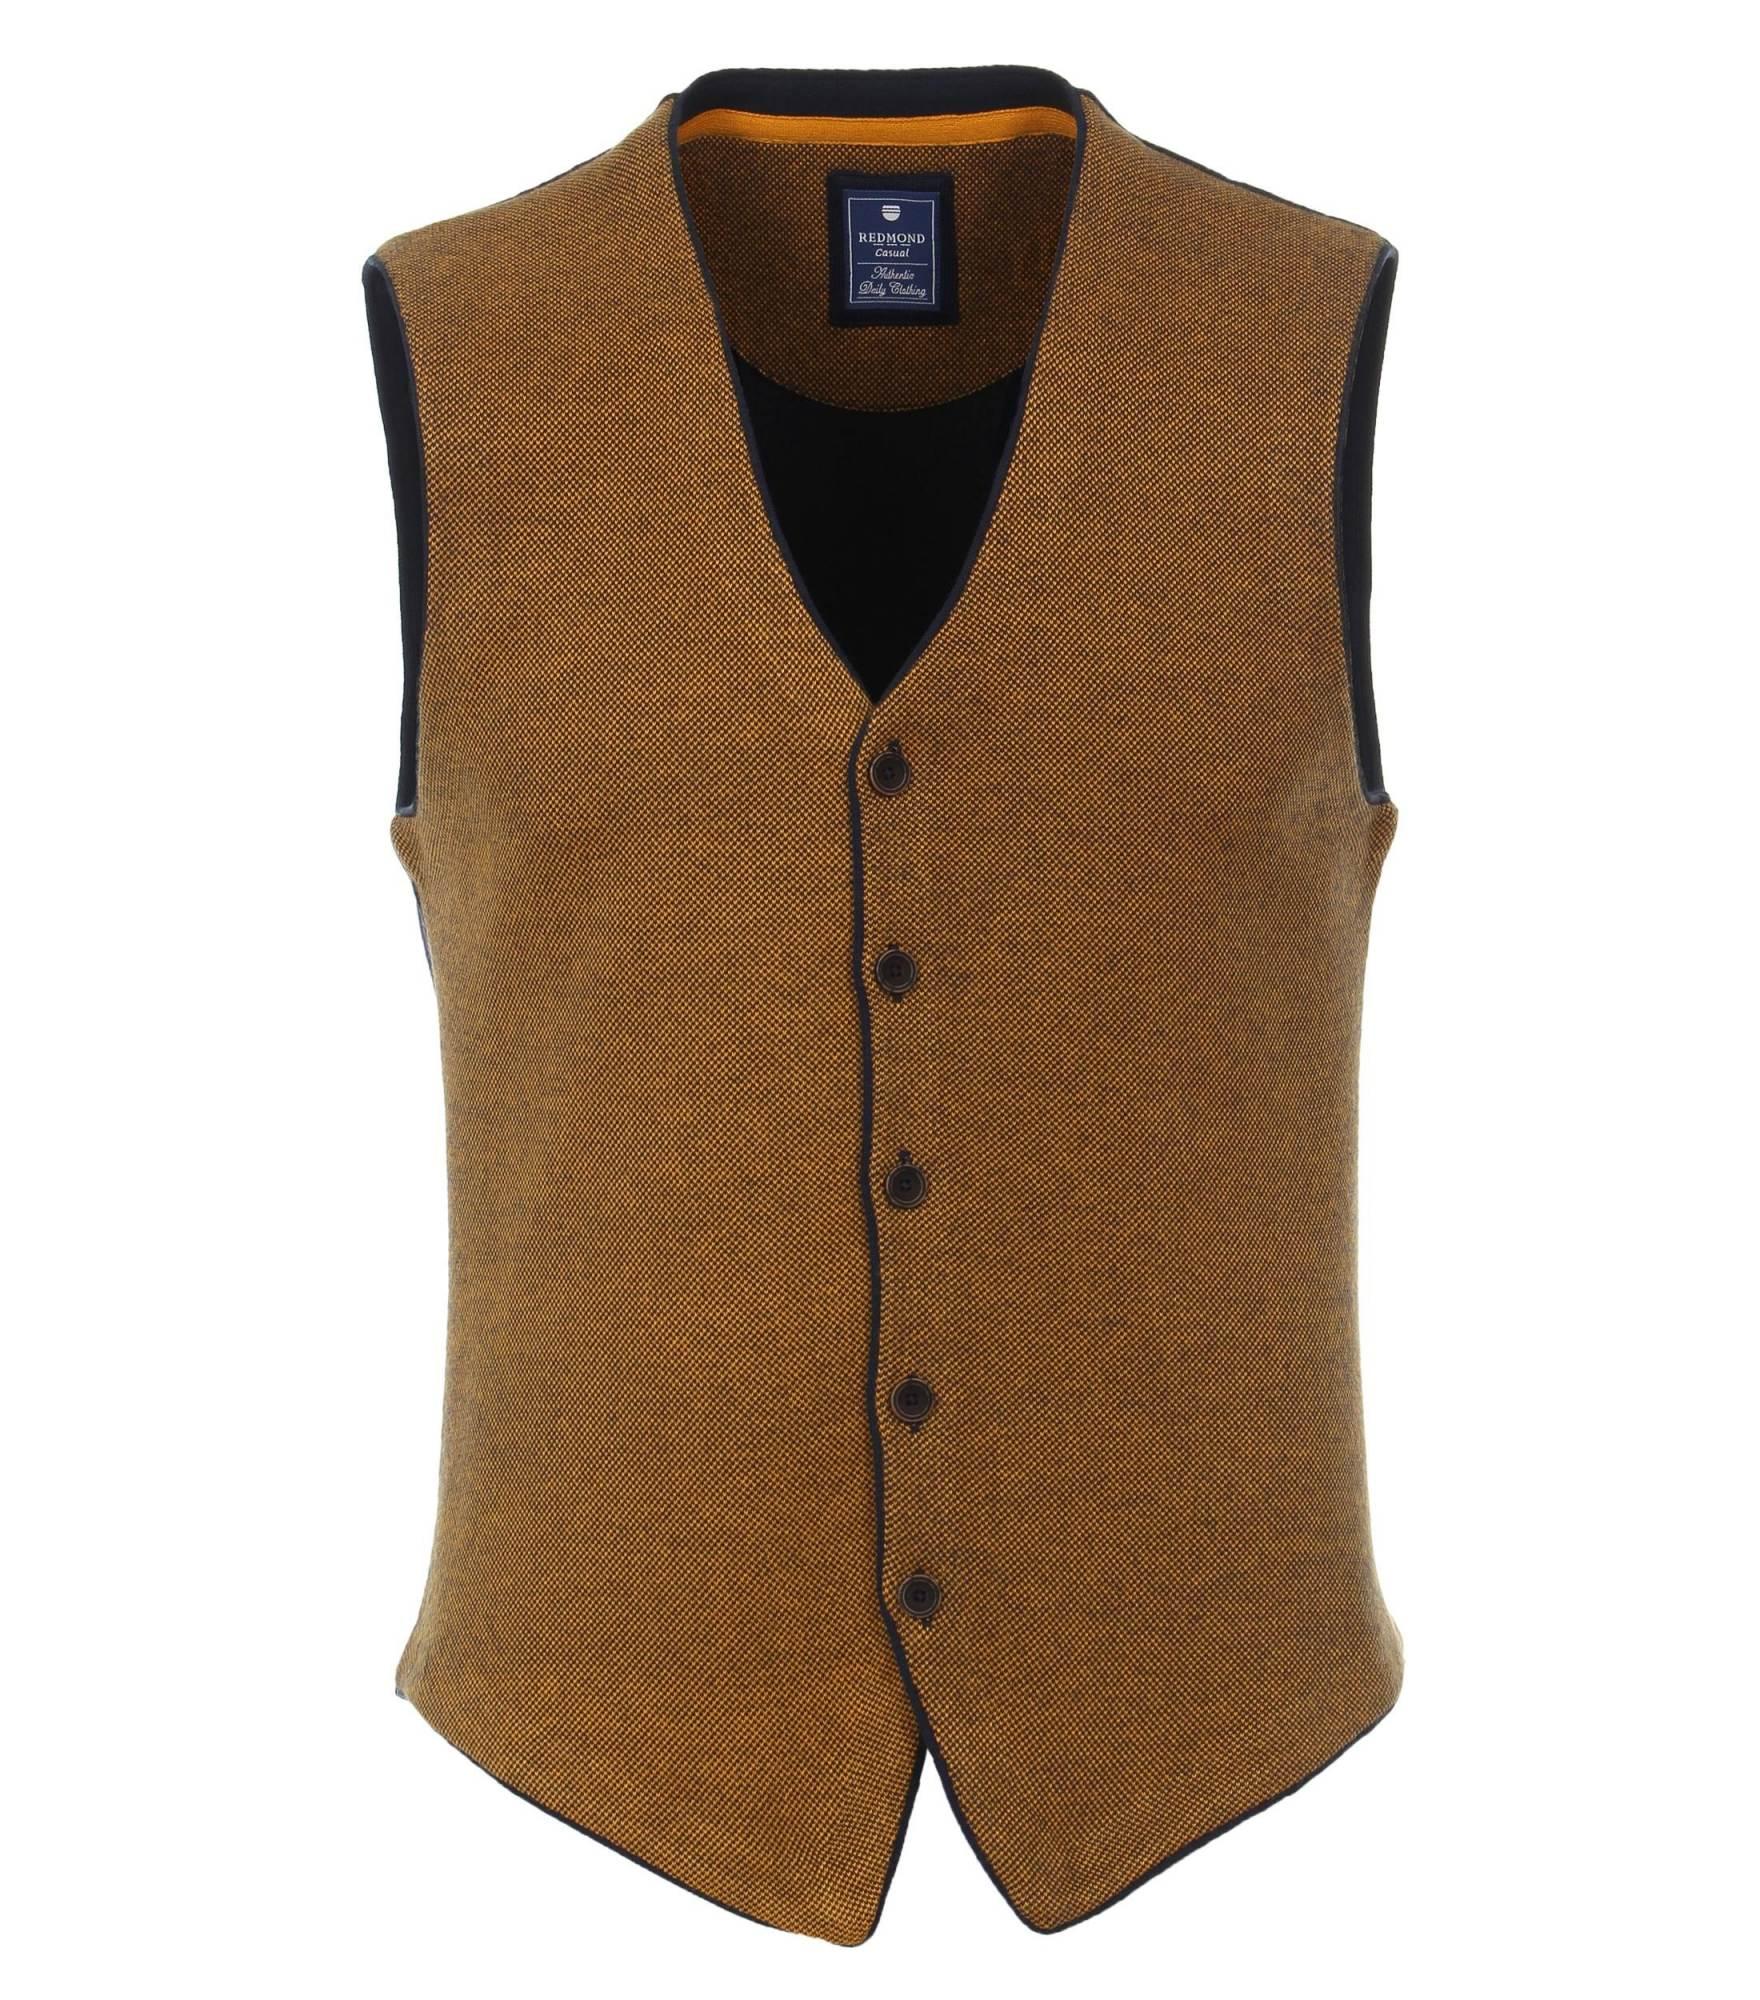 211815601 40 Mustard - - Con Murphys Menswear